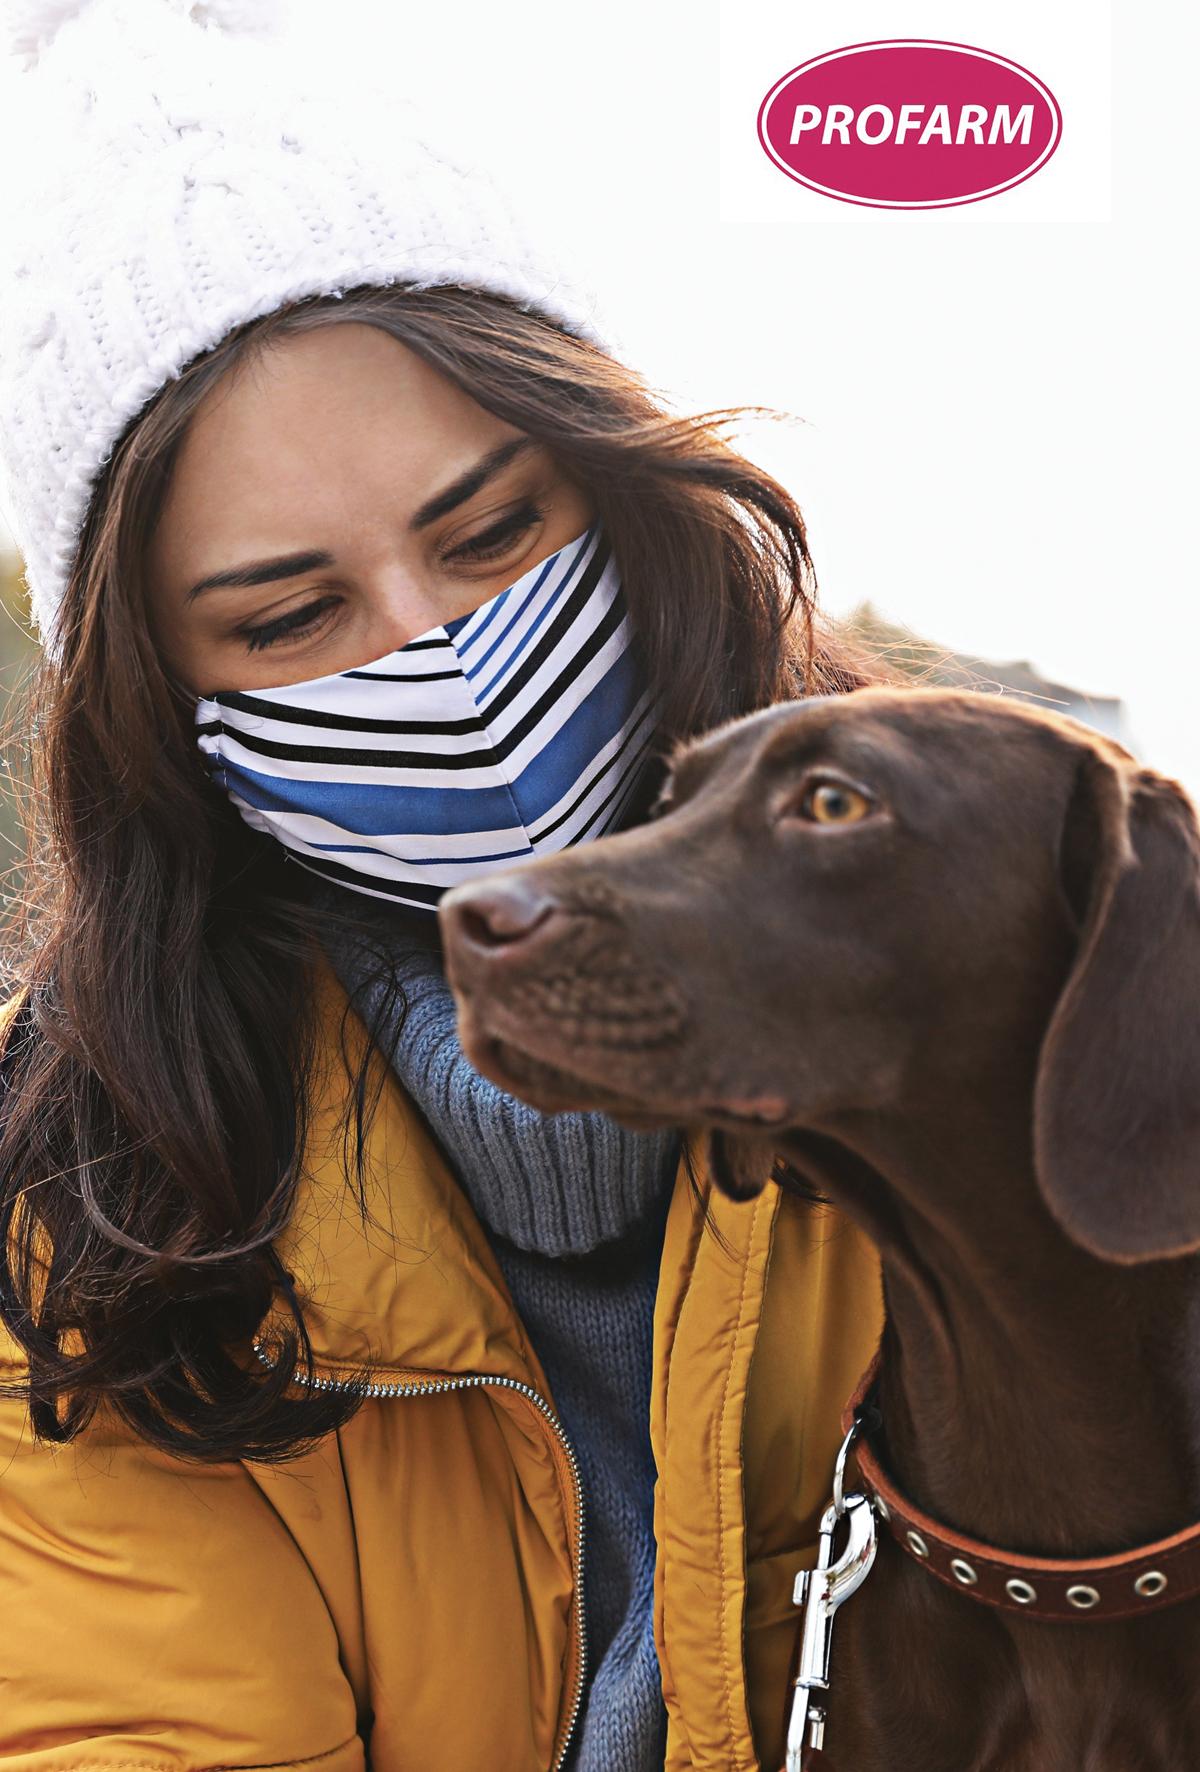 Petlerde biyogüvenlik ve enfeksiyonların kontrolü